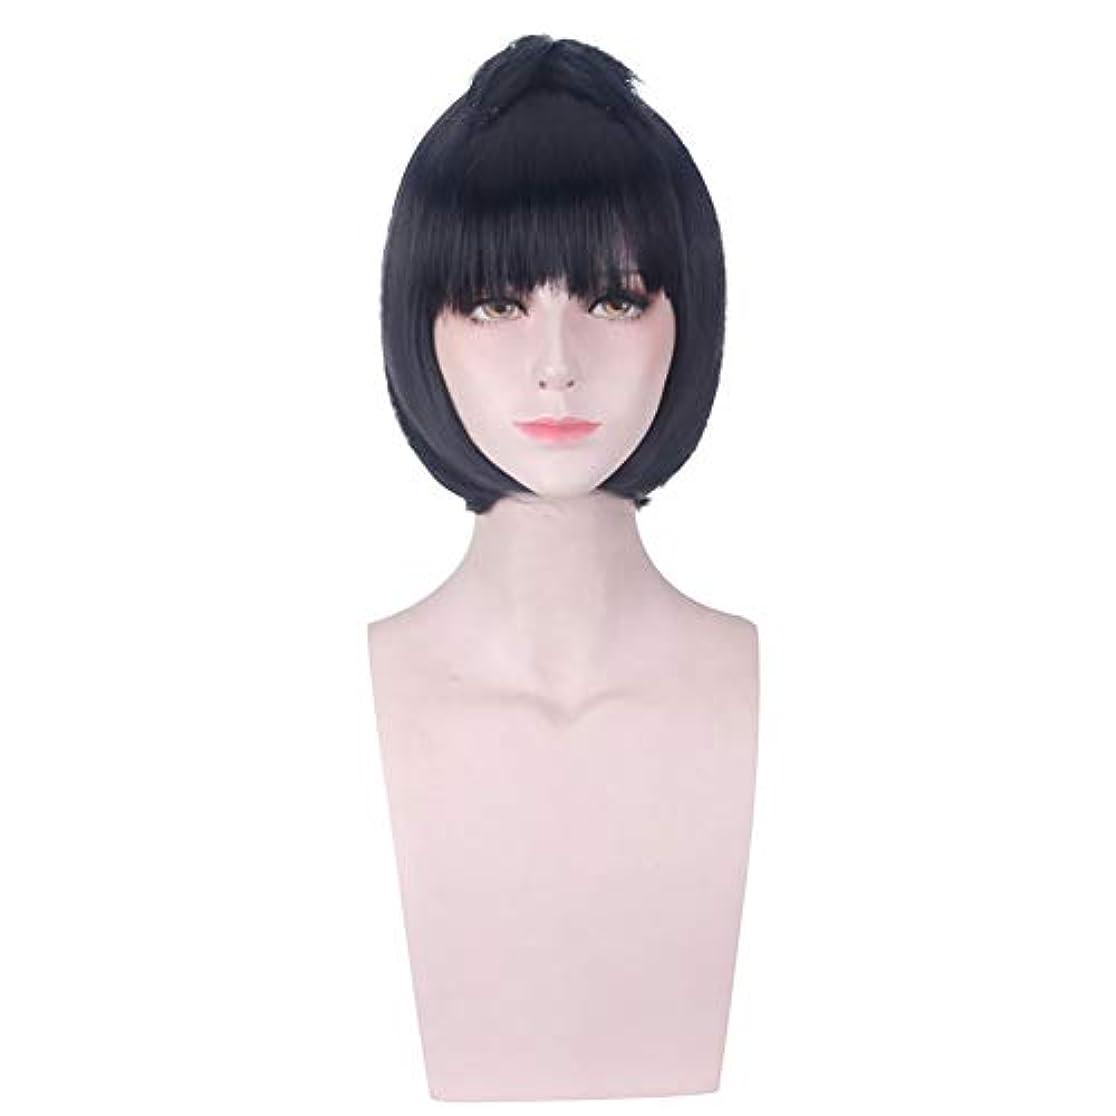 疑問を超えてリブ活気づける前髪/前髪ウィッグと女性の合成黒ショートウィッグ高温ファイバーヘアー